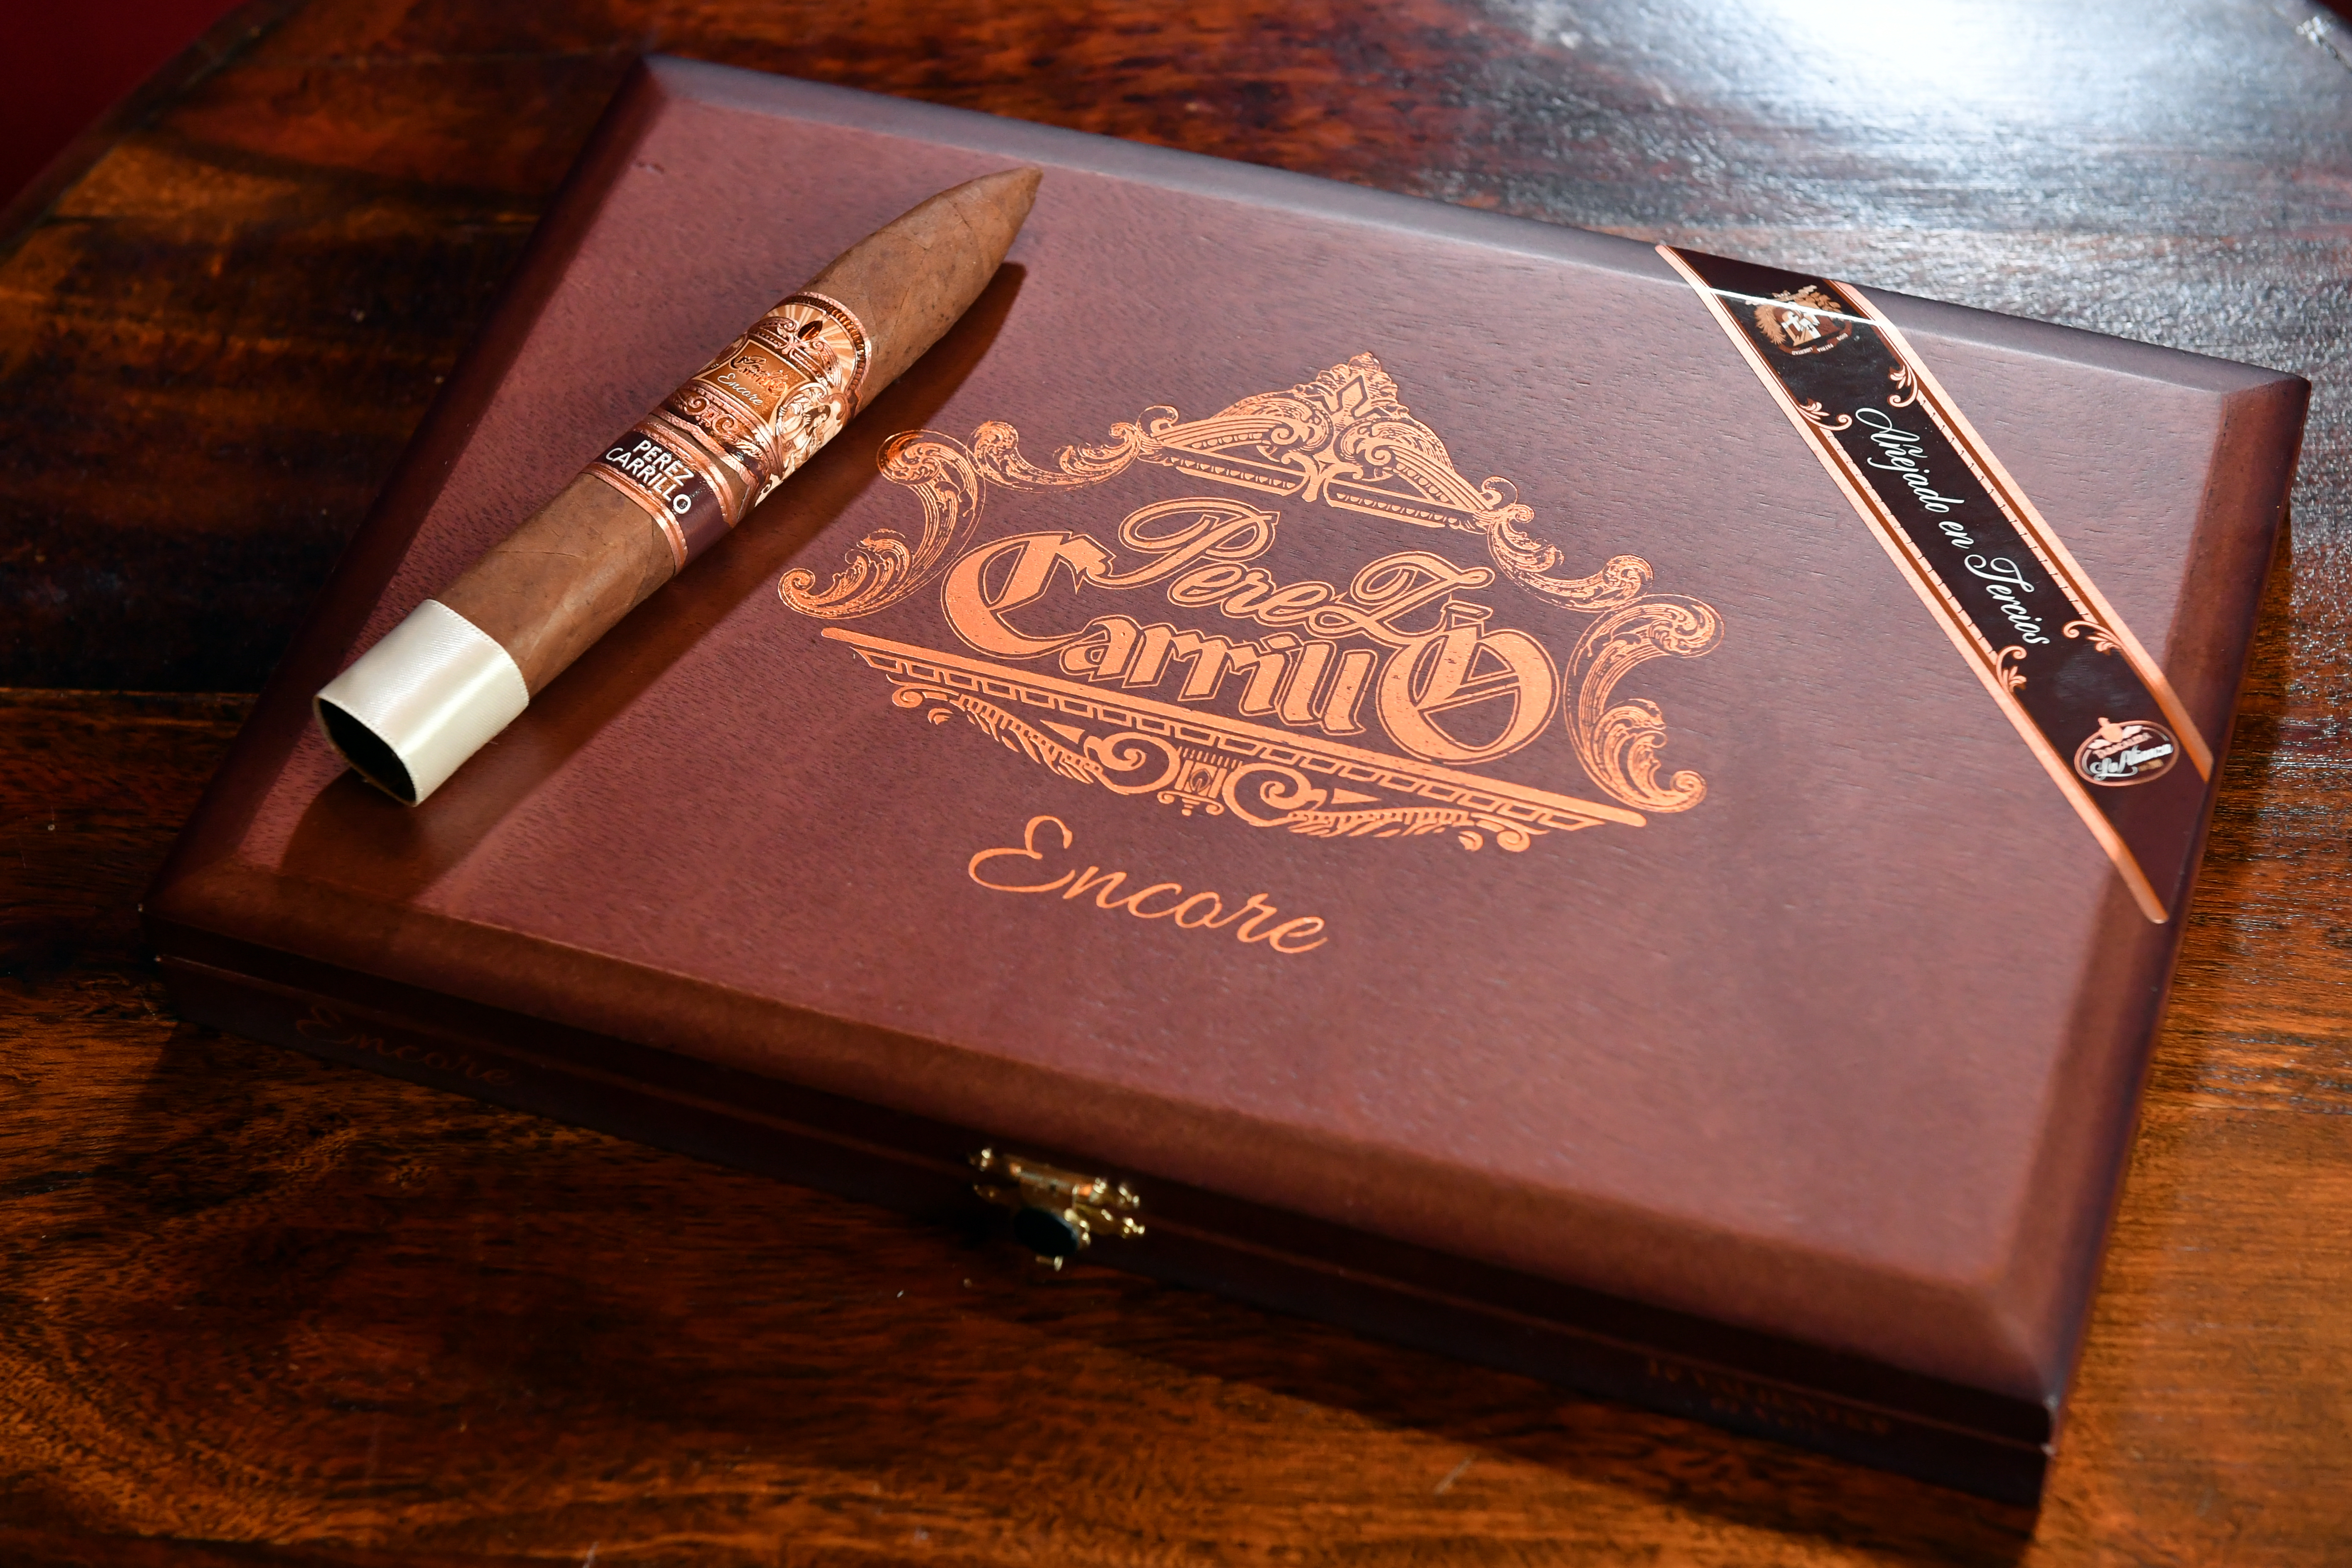 Cigar News: E.P. Carrillo Perez-Carrillo Encore Slated for March 15th Release